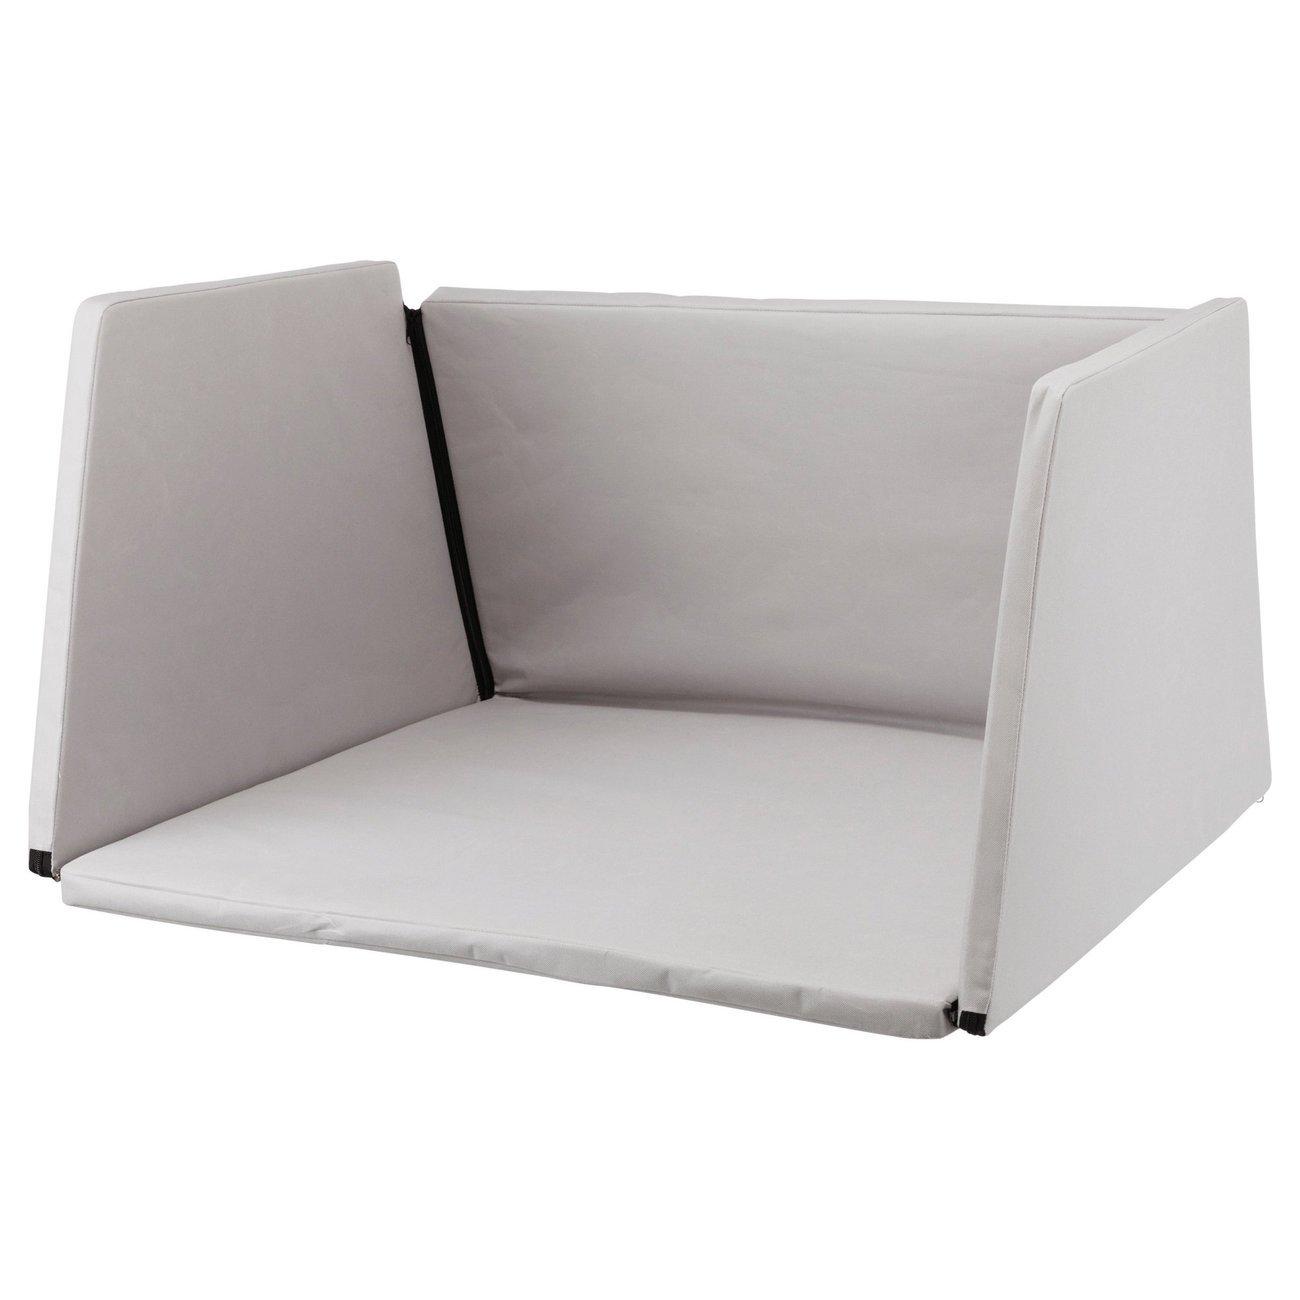 Trixie Innenverkleidung für TRIXIE Aluminium-Transportbox 39310, Bild 43